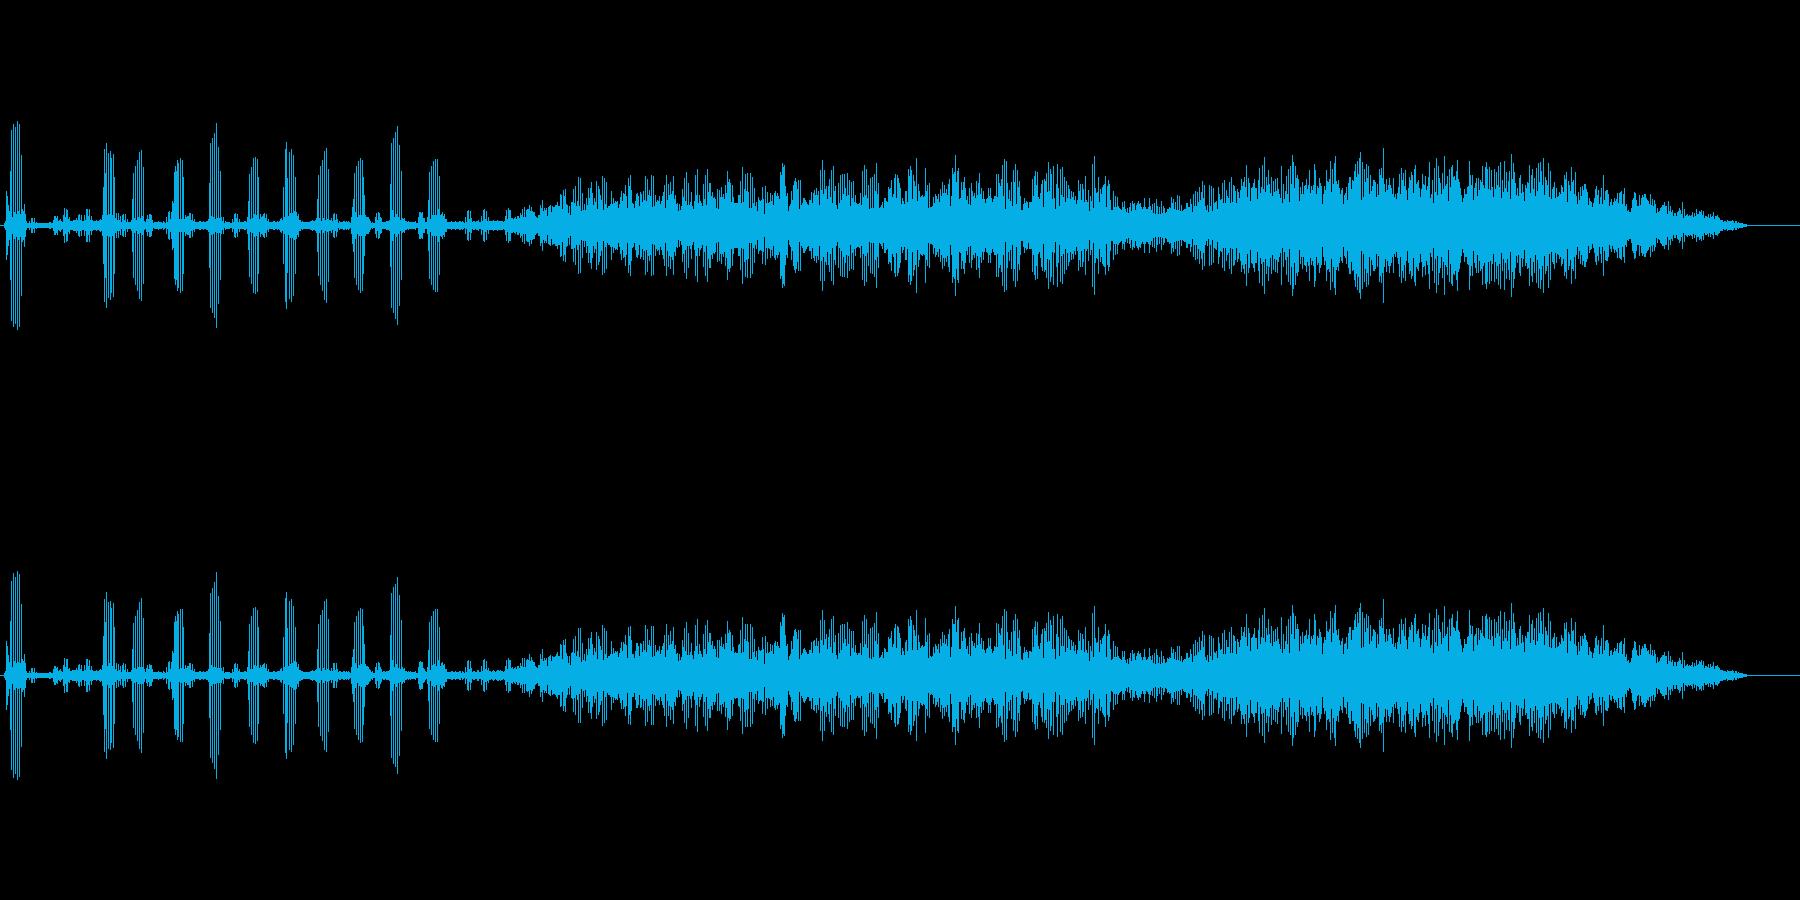 カエルの鳴き声の再生済みの波形